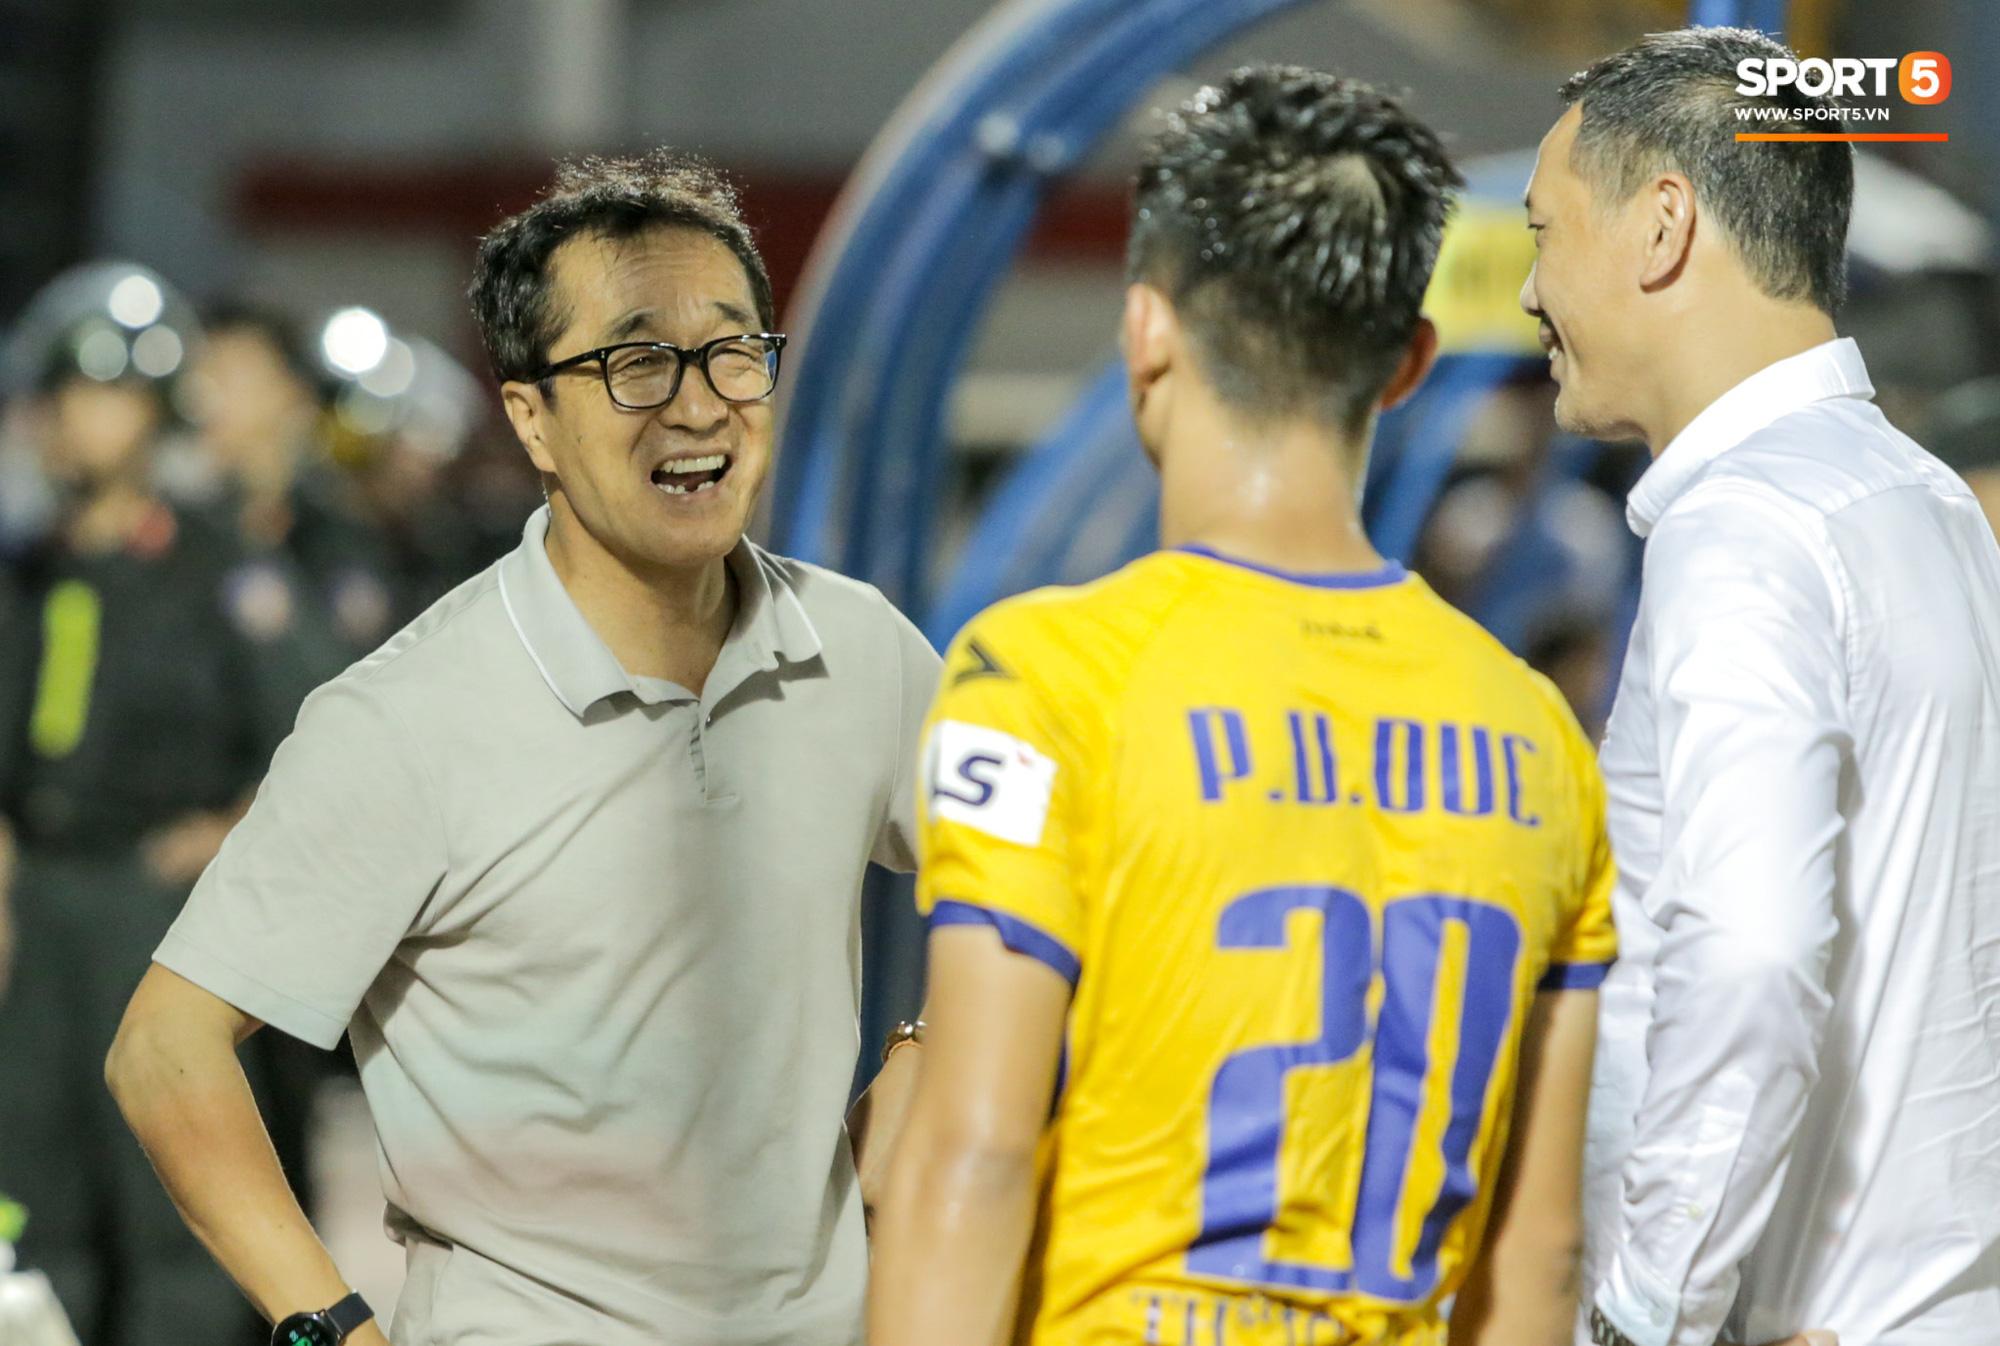 Phan Văn Đức lấy vội điện thoại để xem điều này sau trận thứ 6 không thắng tại V.League 2020 - Ảnh 7.